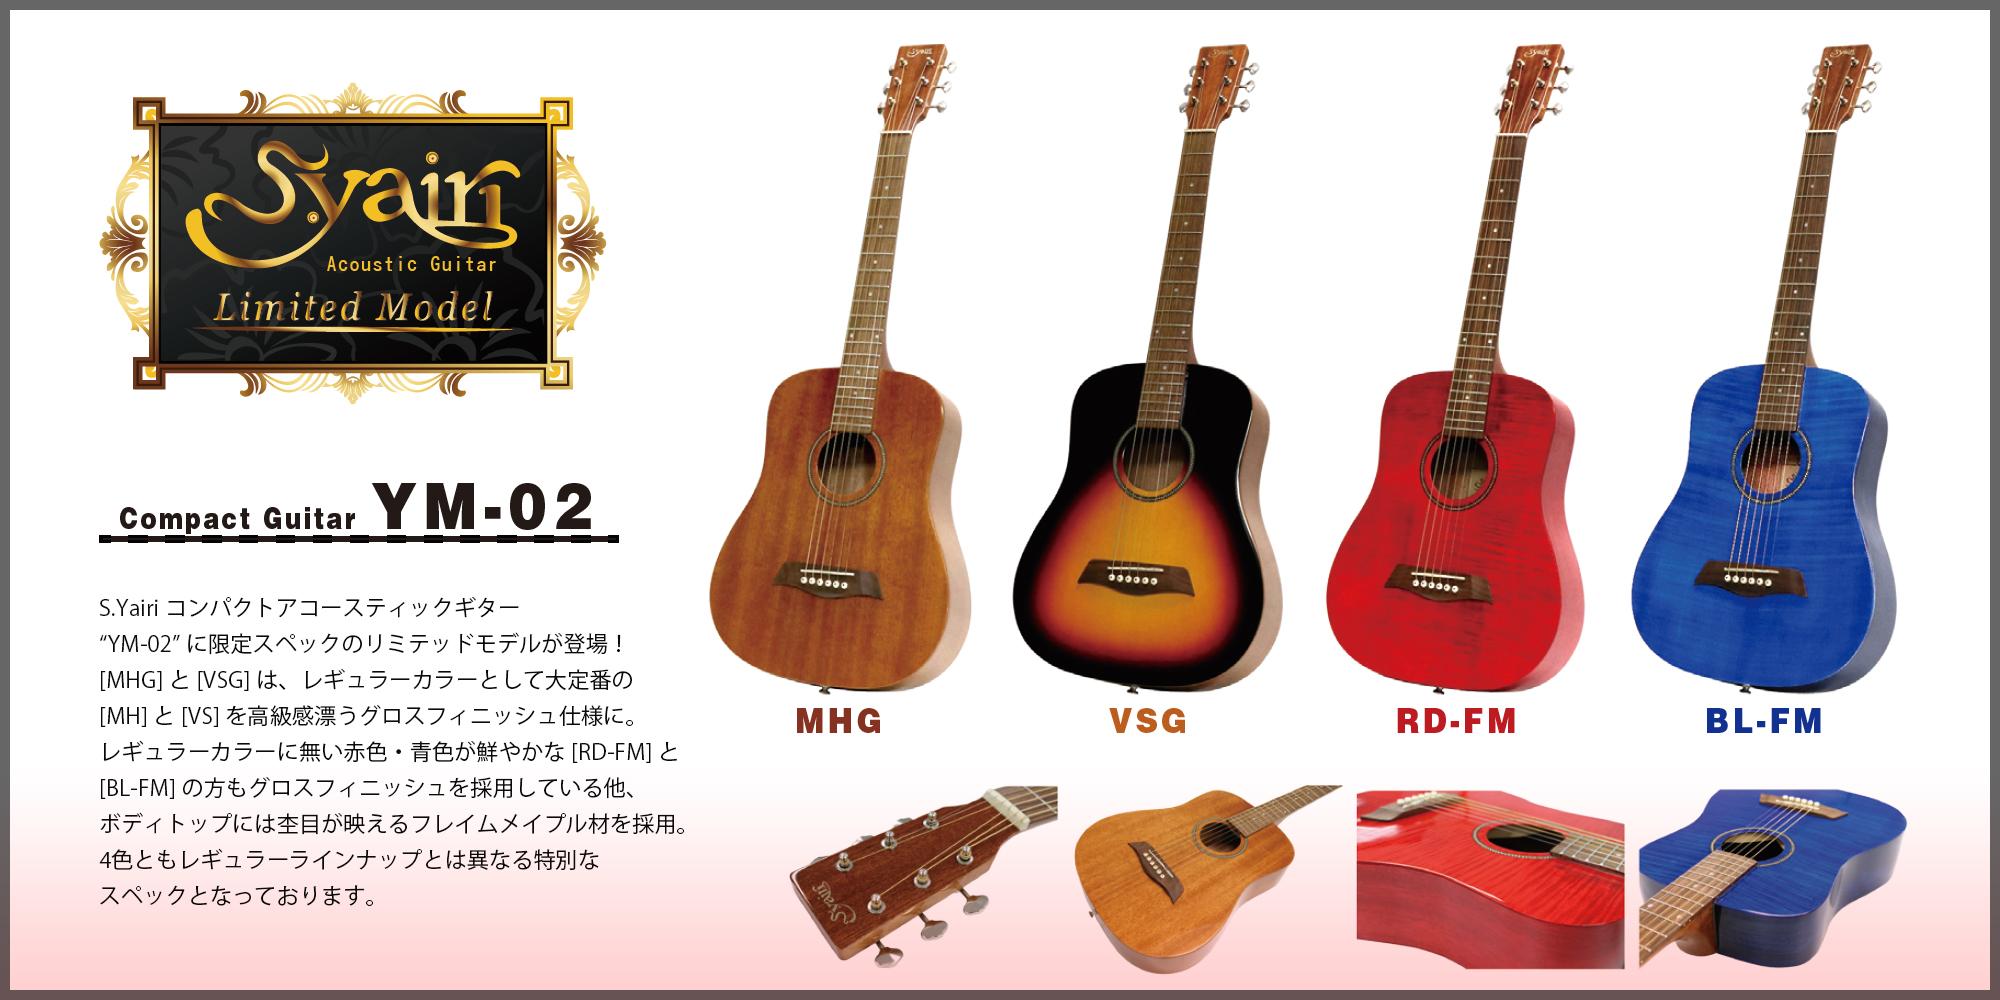 """S.Yairi コンパクトアコースティックギター """"YM-02"""" に限定スペックのリミテッドモデルが登場!"""